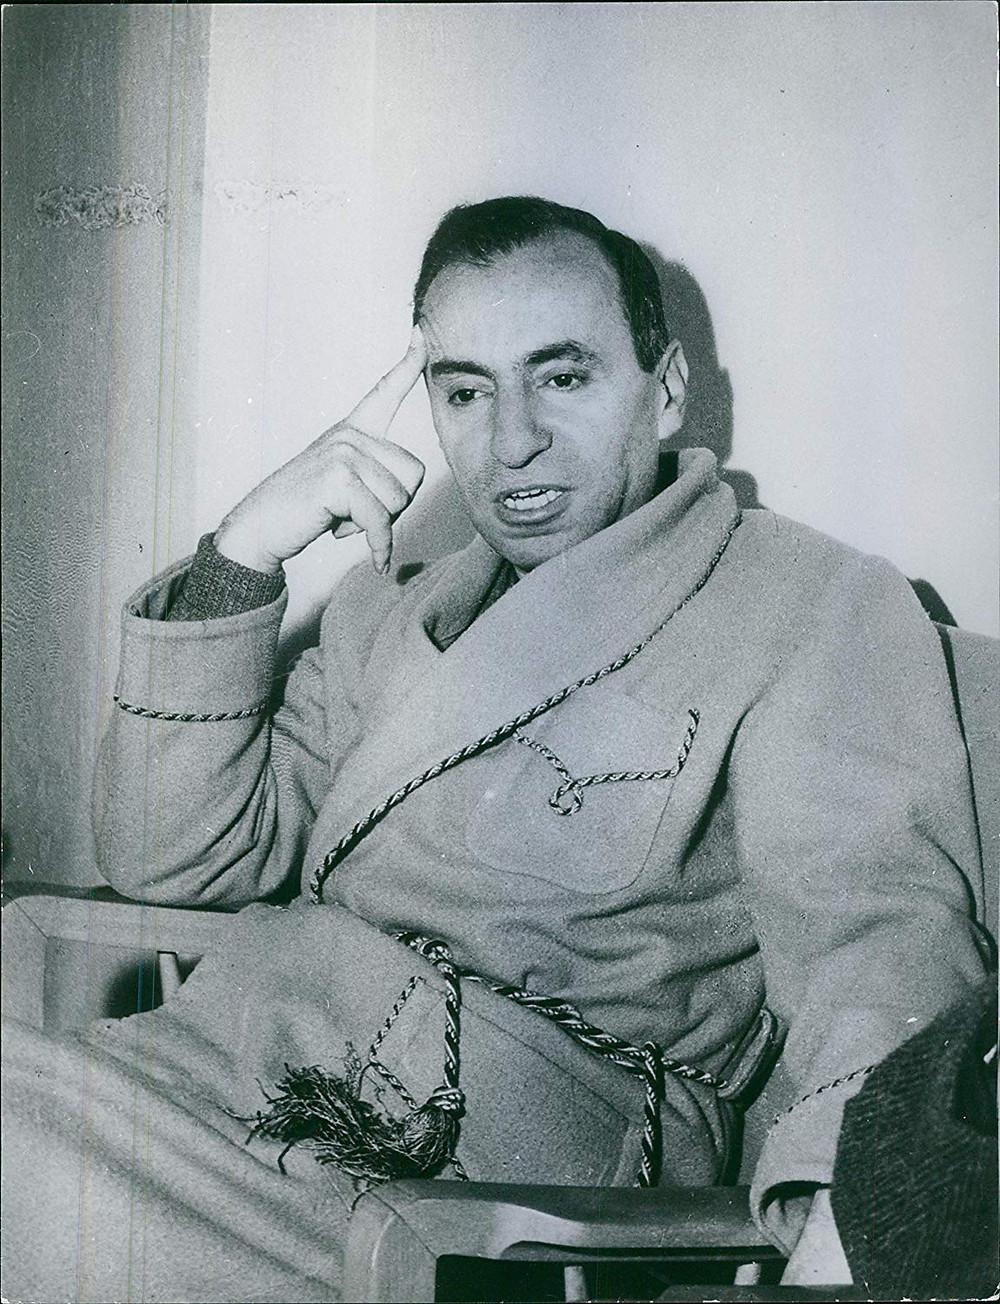 ميشيل عفلق، مفكر قومي عربي كان له الدور الأكبر في تأسيس حزب البعث الذي أصبح فيما بعد حزب البعث العربي الاشتراكي